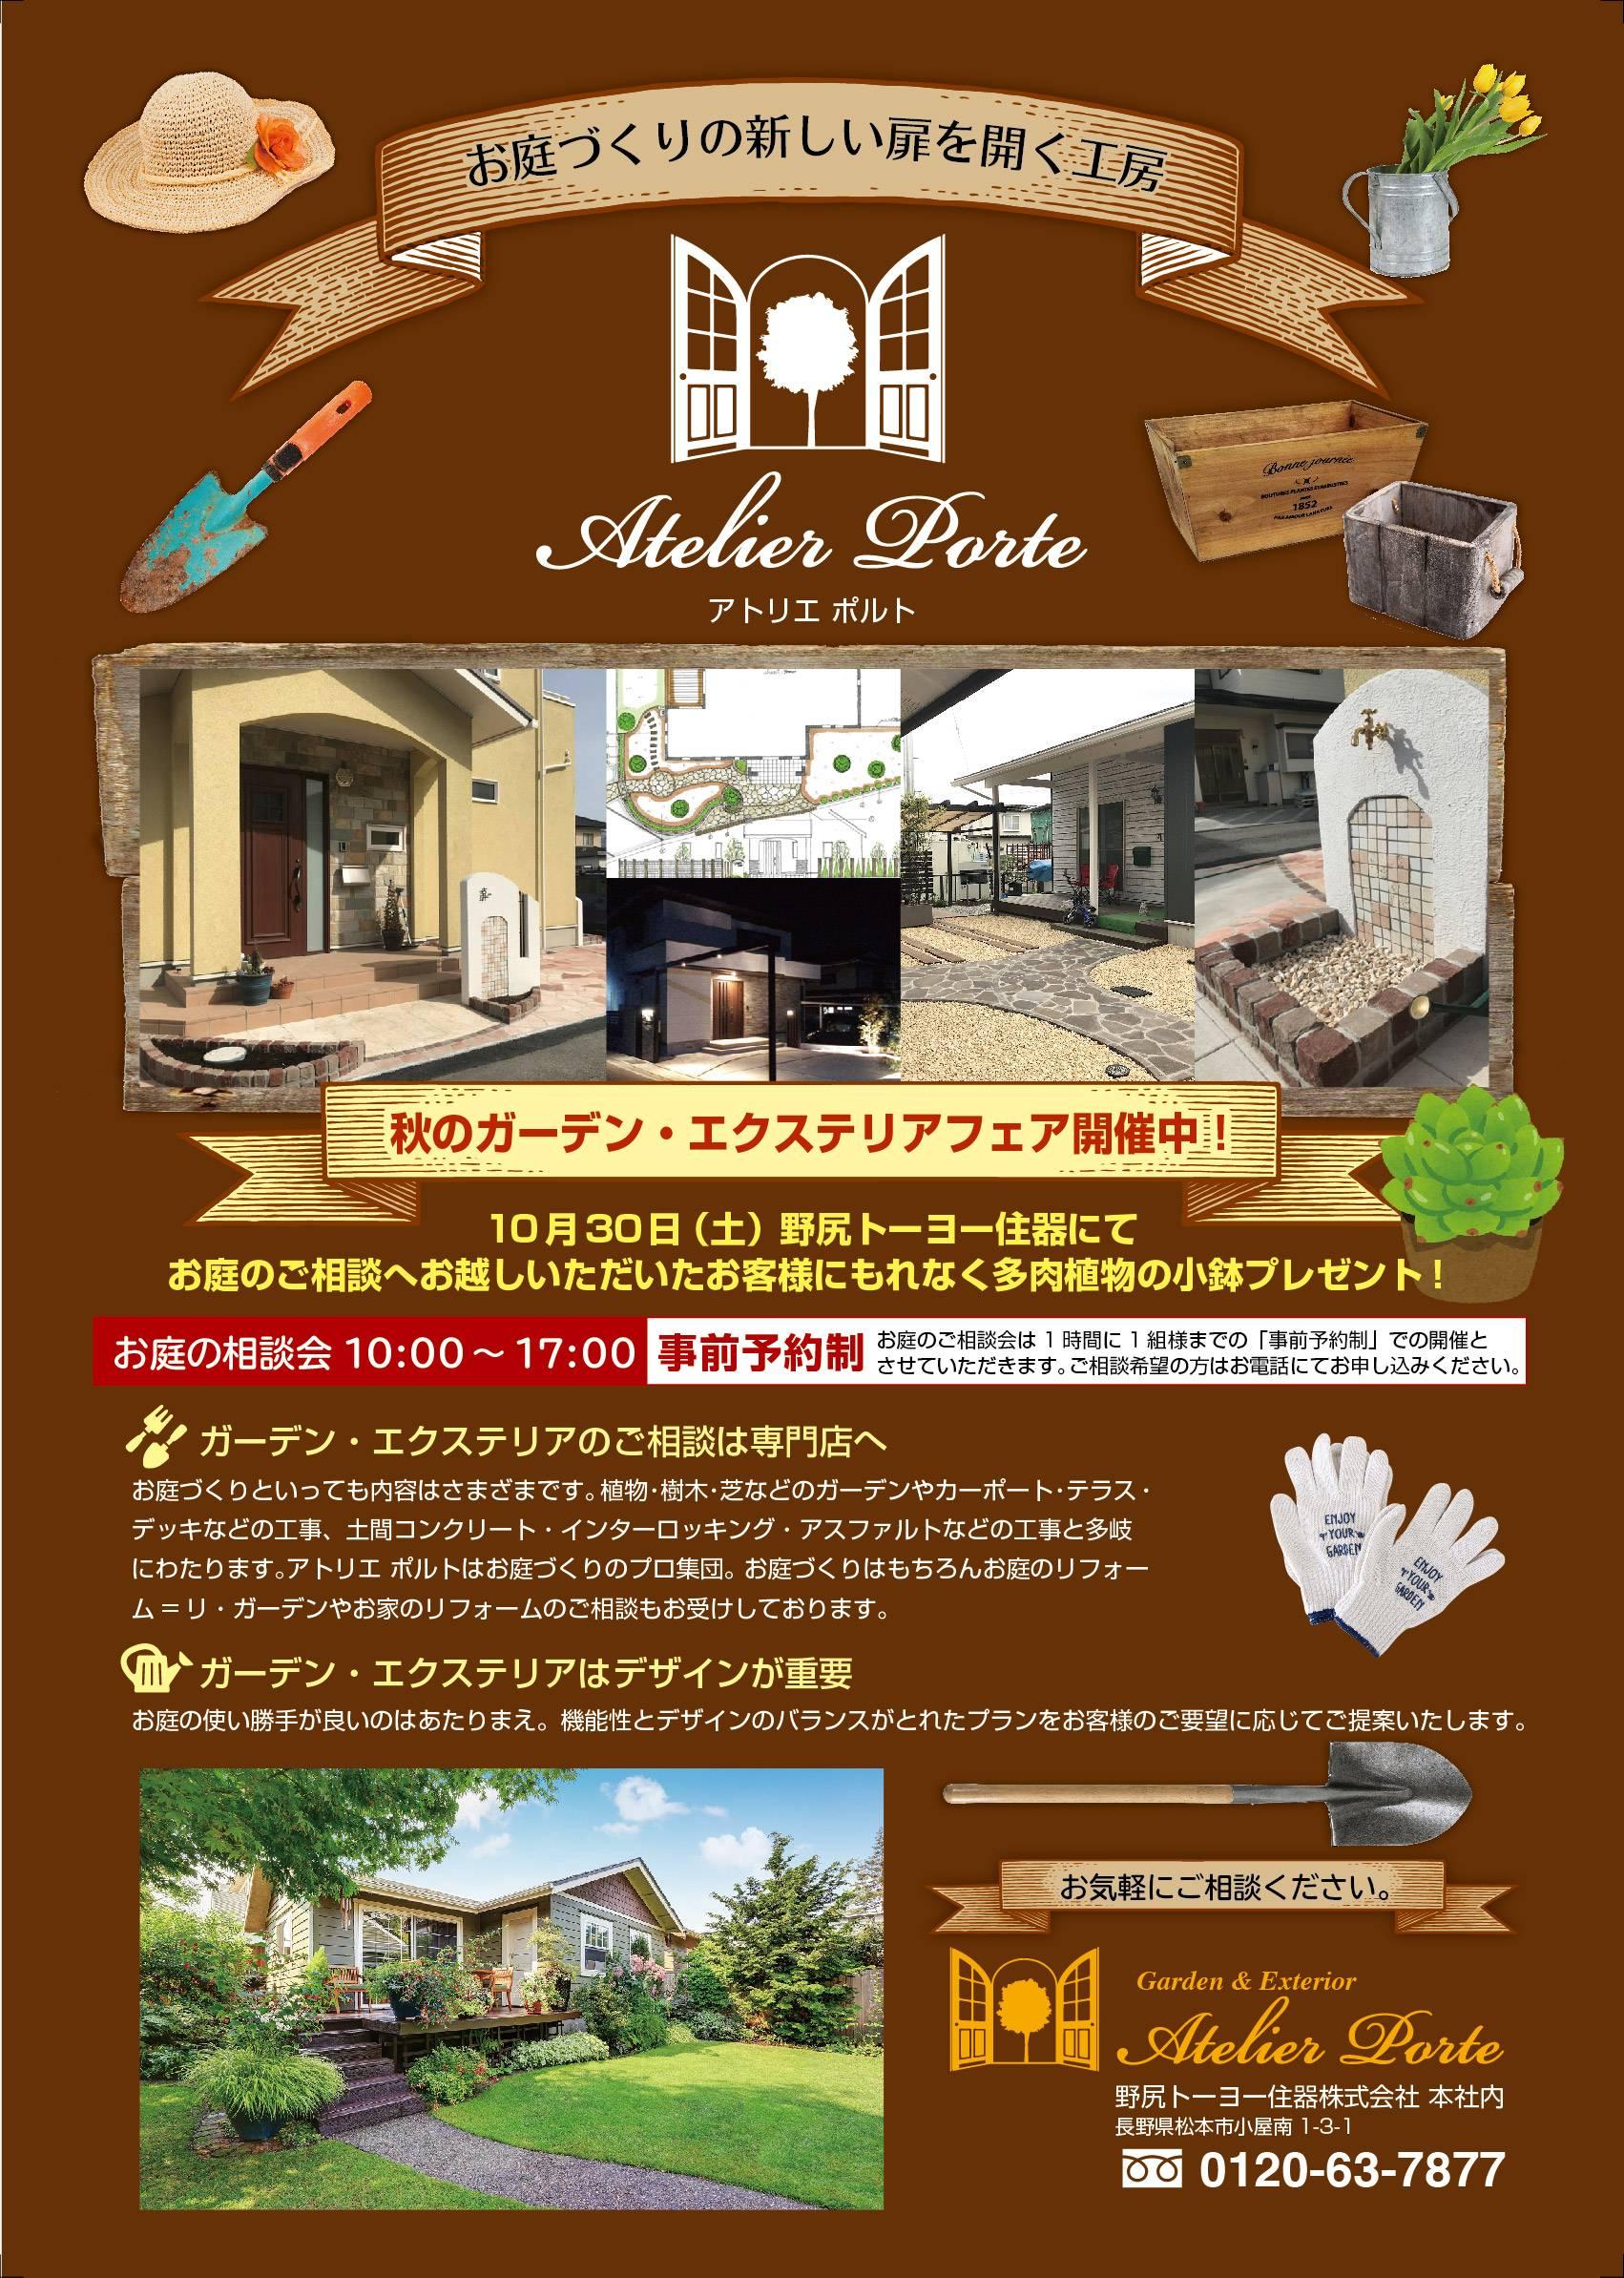 秋のリフォーム祭り開催のお知らせです 野尻トーヨー住器のイベントキャンペーン 写真4